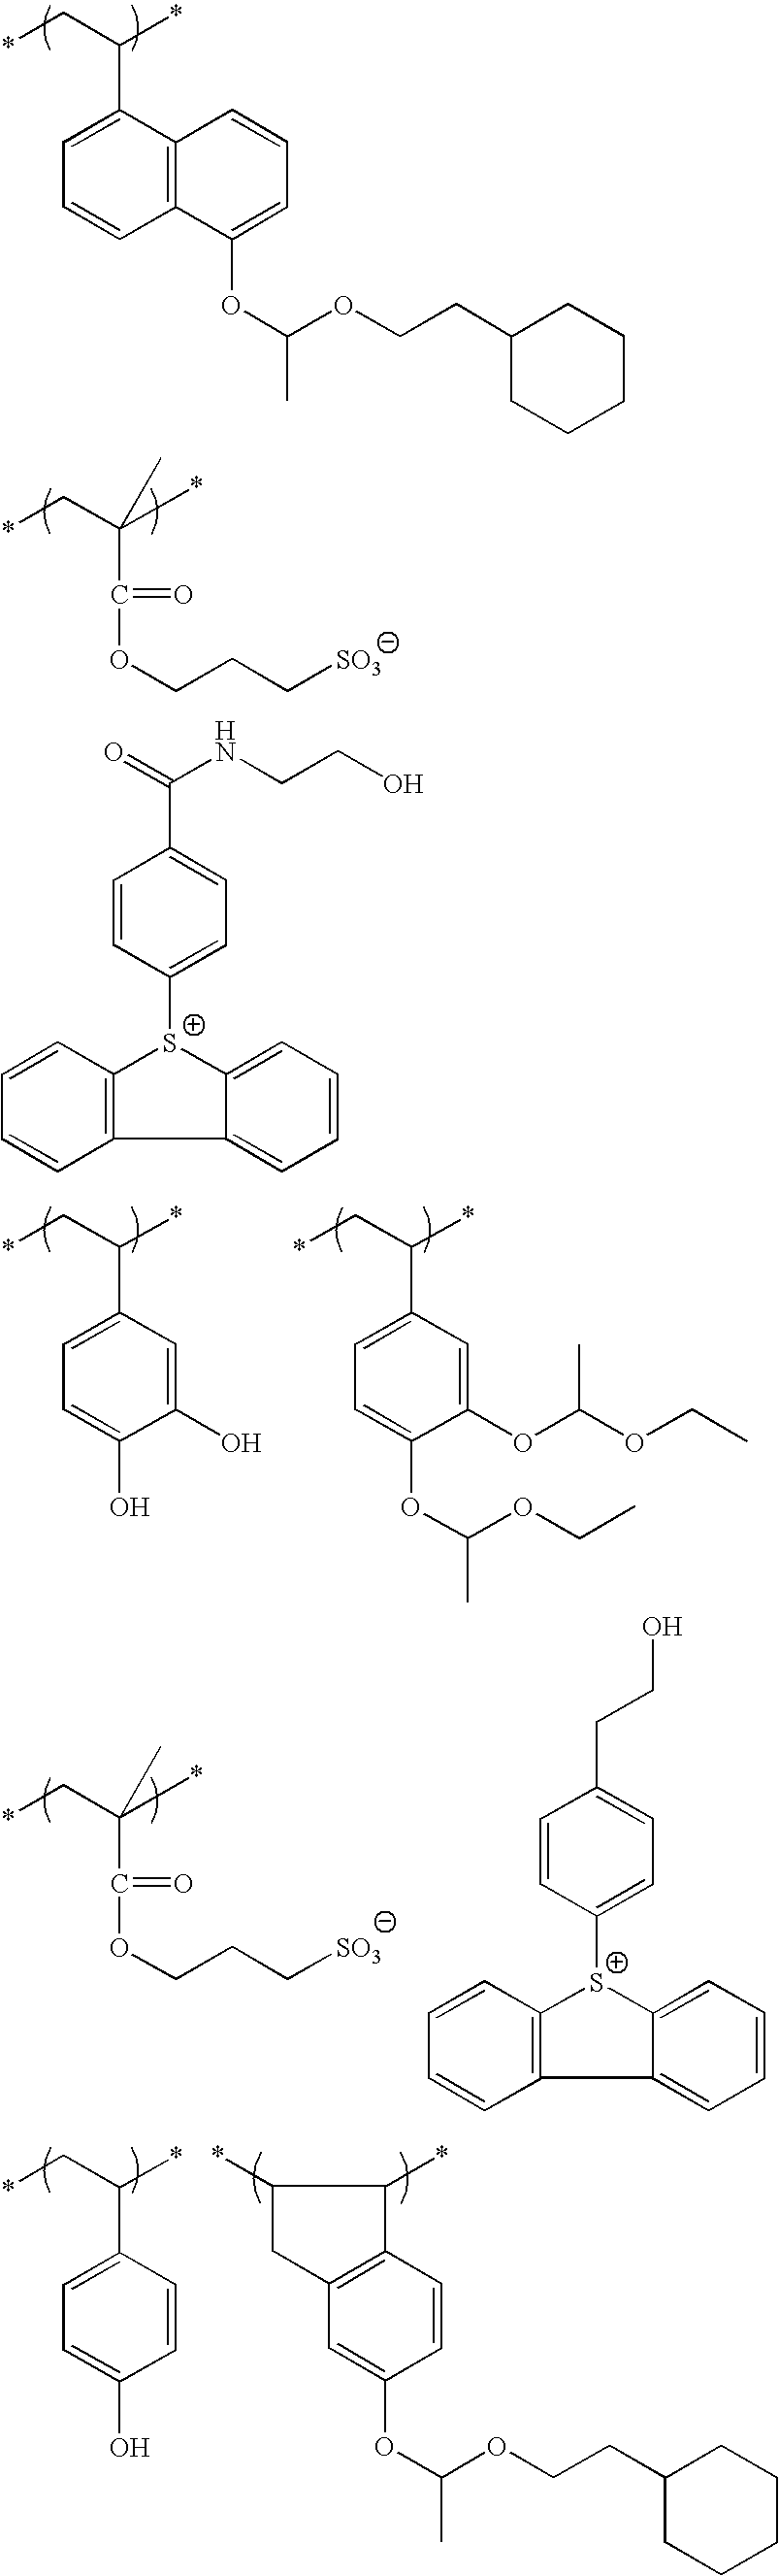 Figure US20100183975A1-20100722-C00186